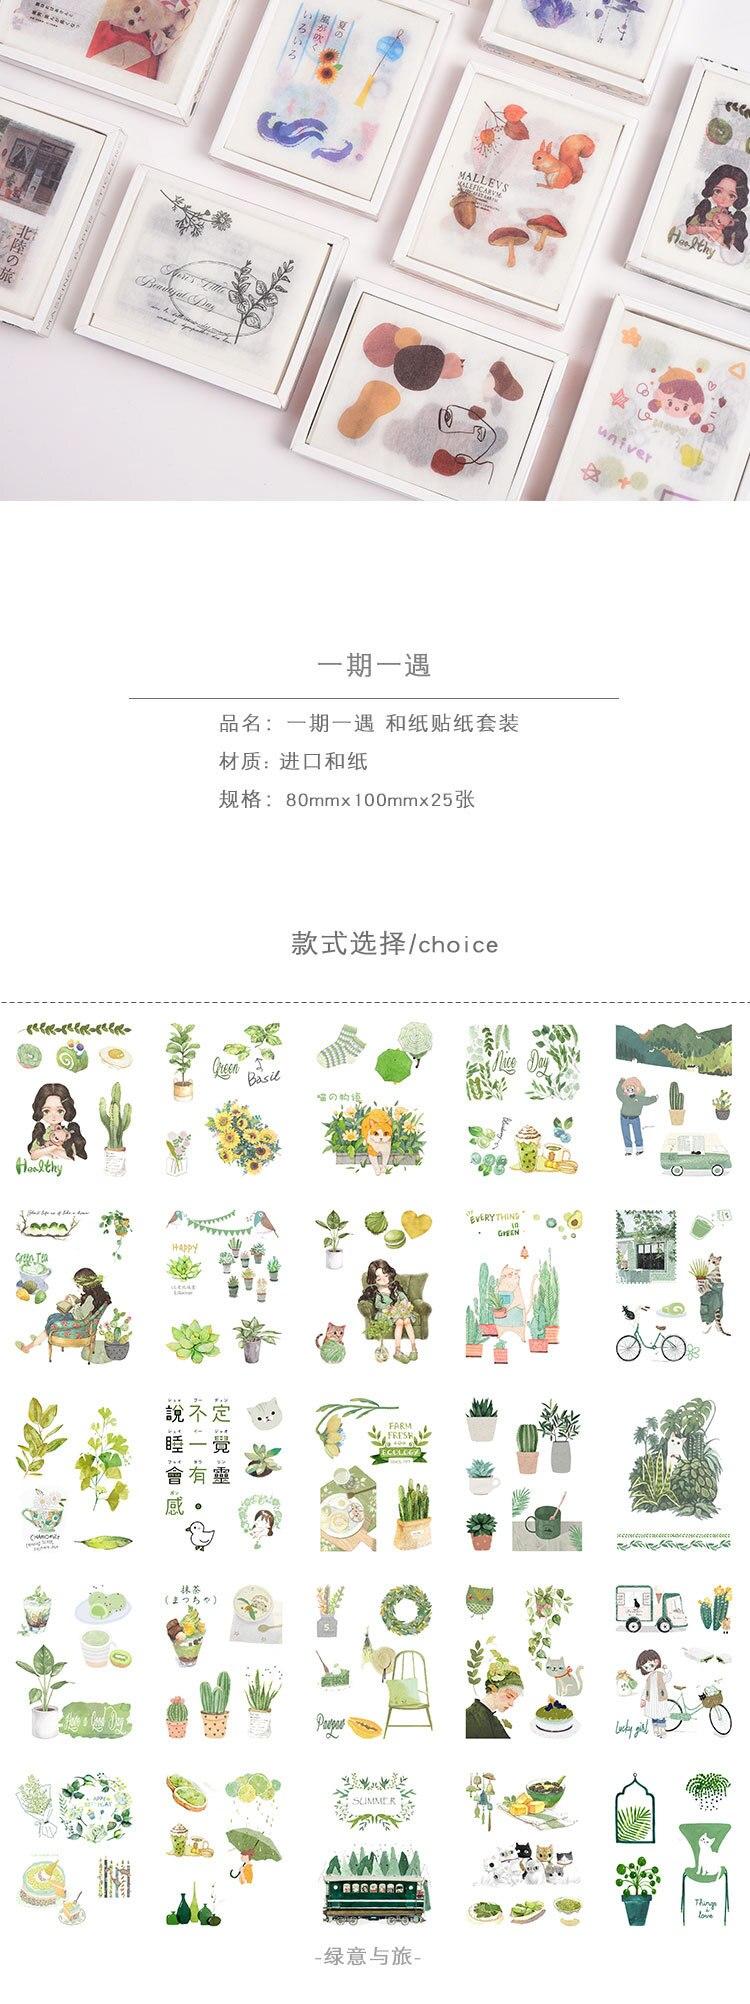 diário verde decorativo móvel adesivos scrapbooking diy artesanato adesivos